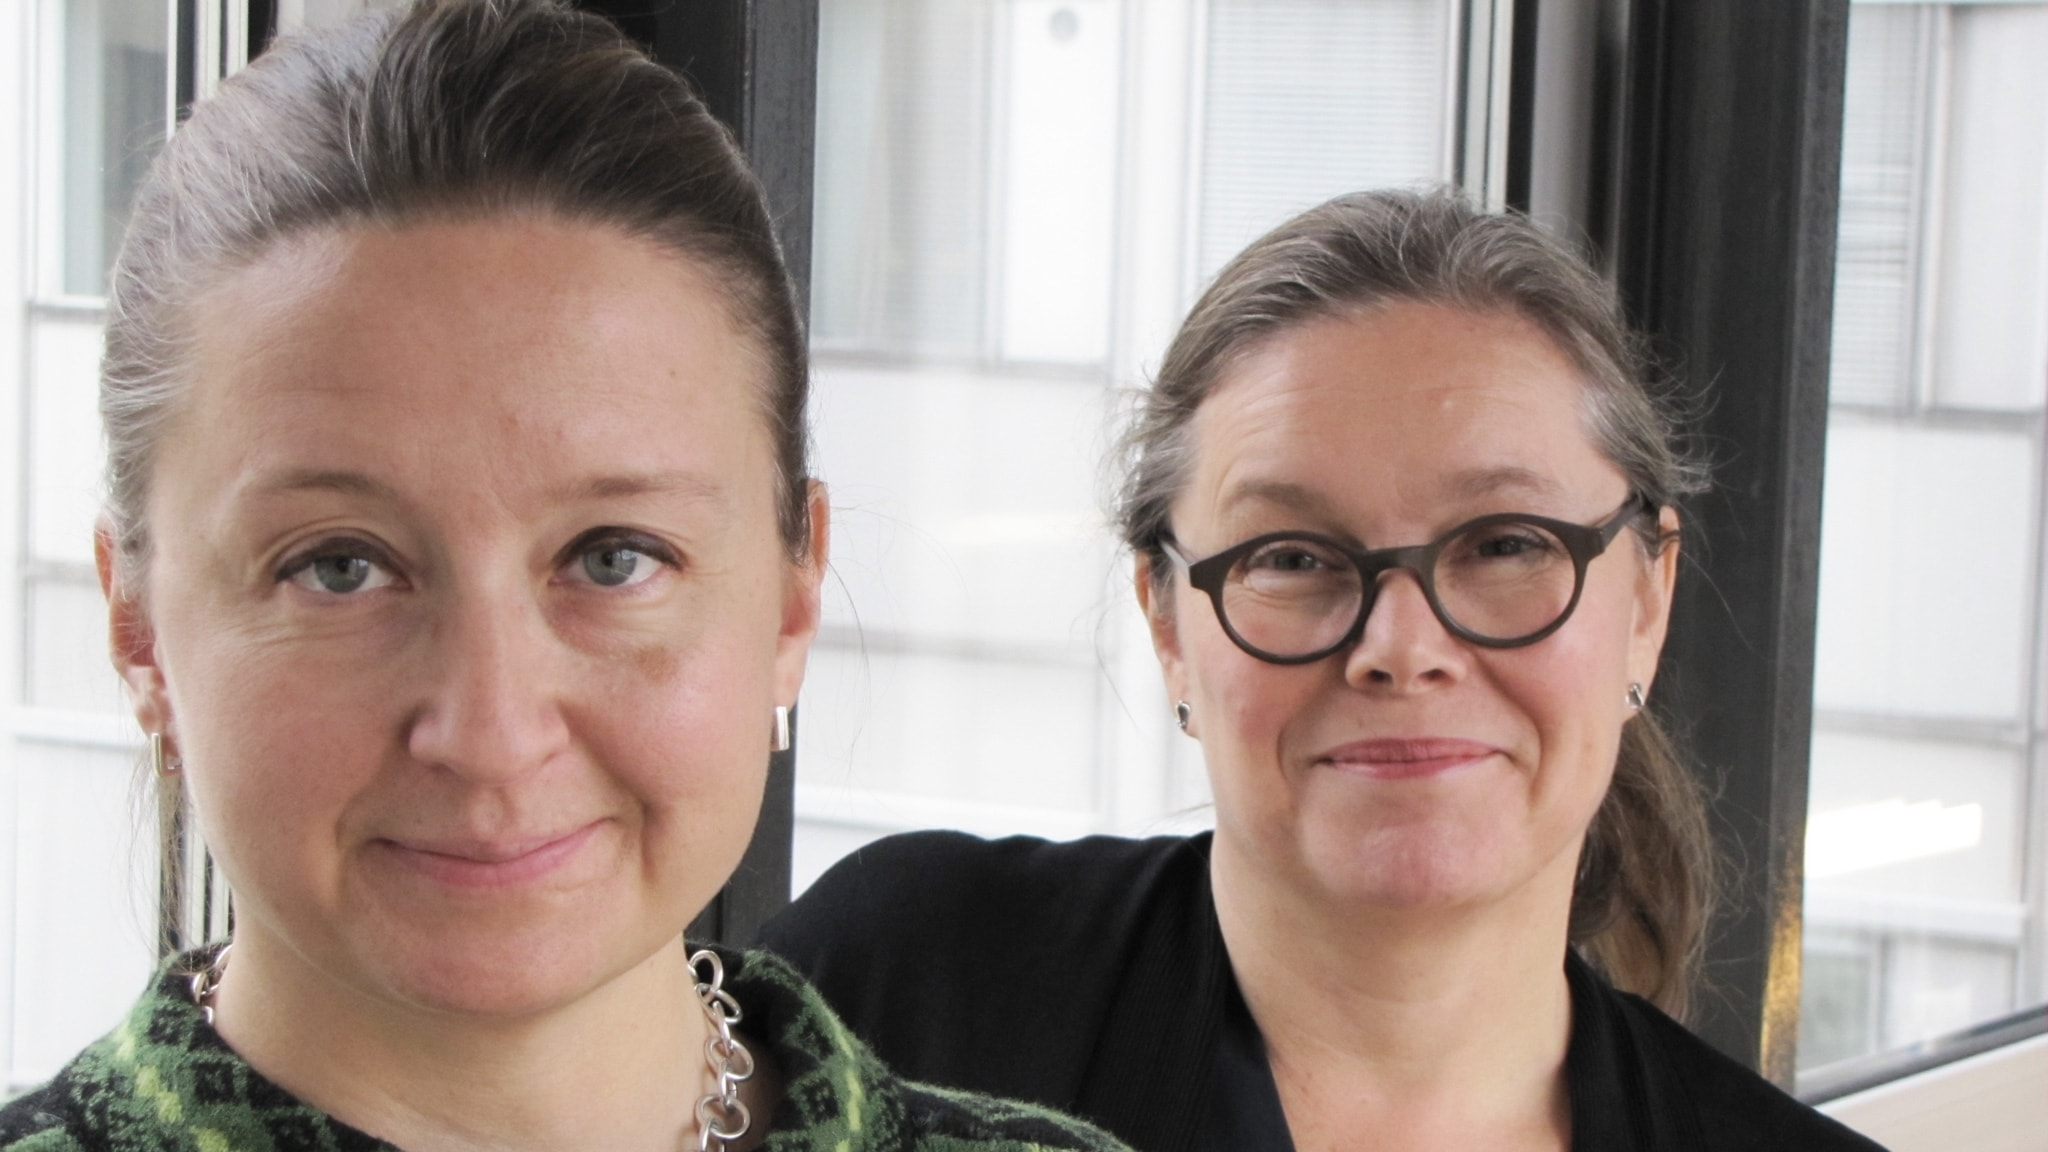 Möt Gertrud Larsson - dramatiker, komiker, regissör